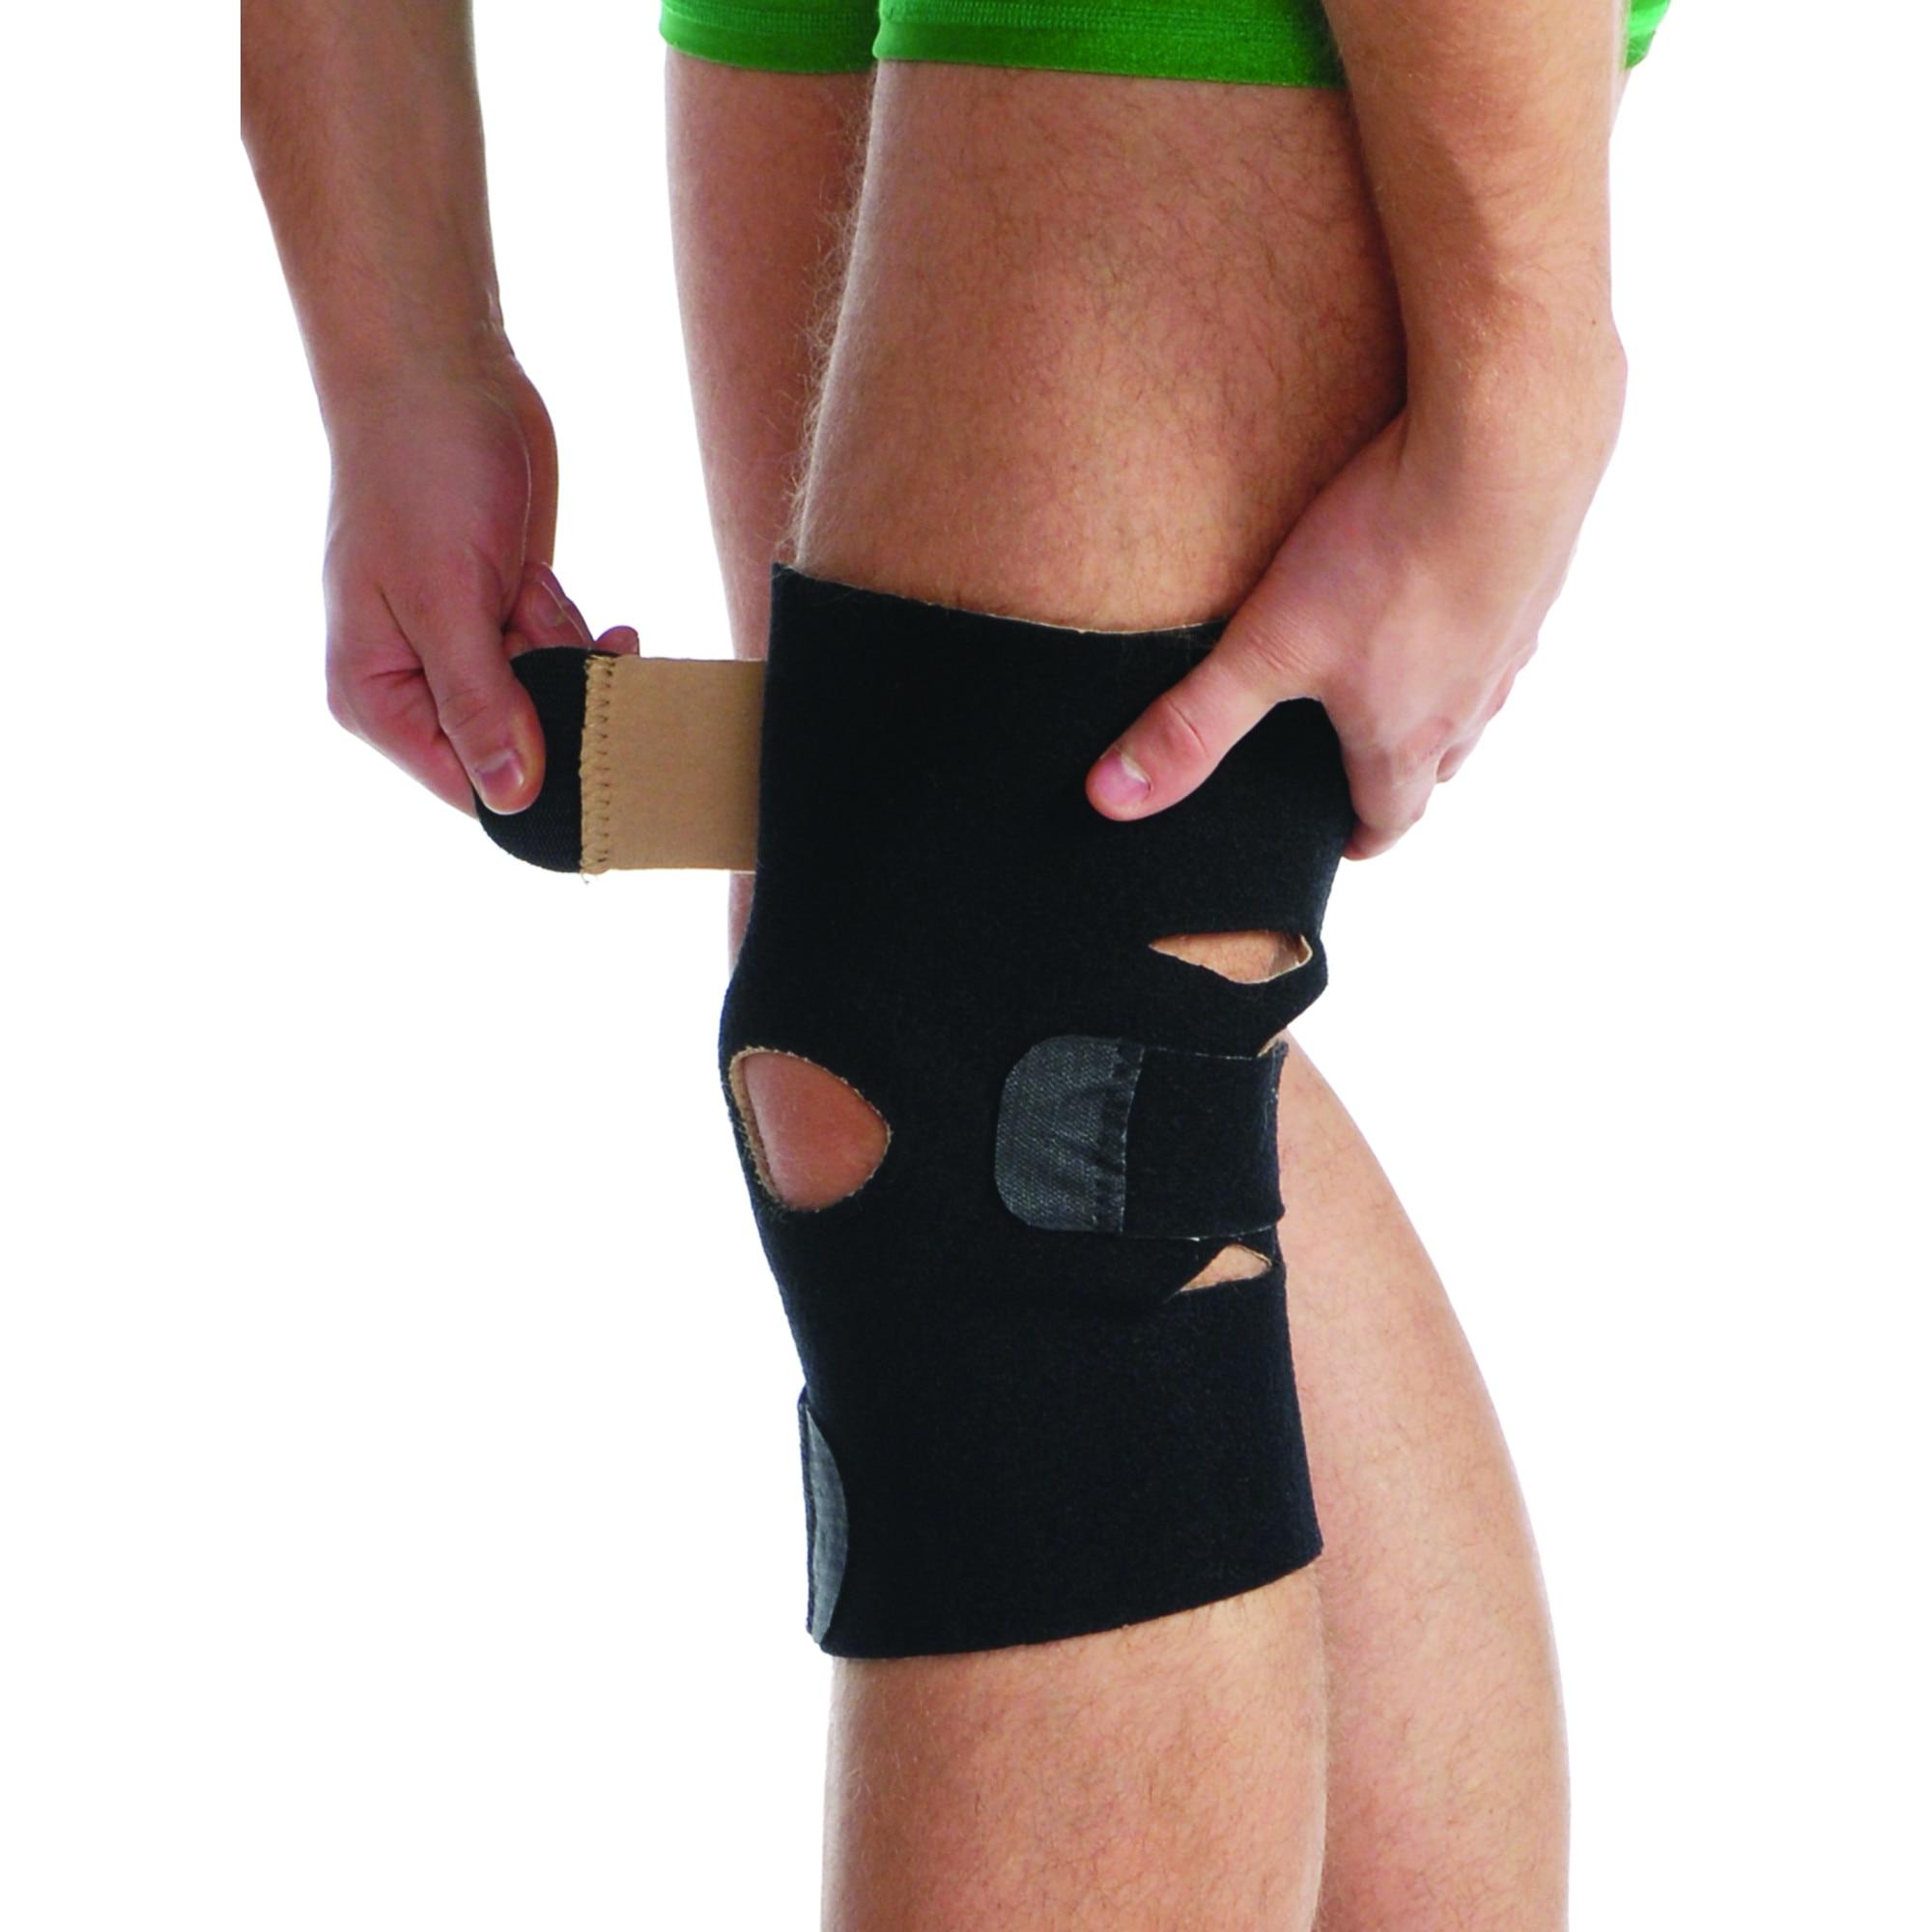 Unguente pentru tratamentul sinovitei articulației genunchiului, Навигация по записям